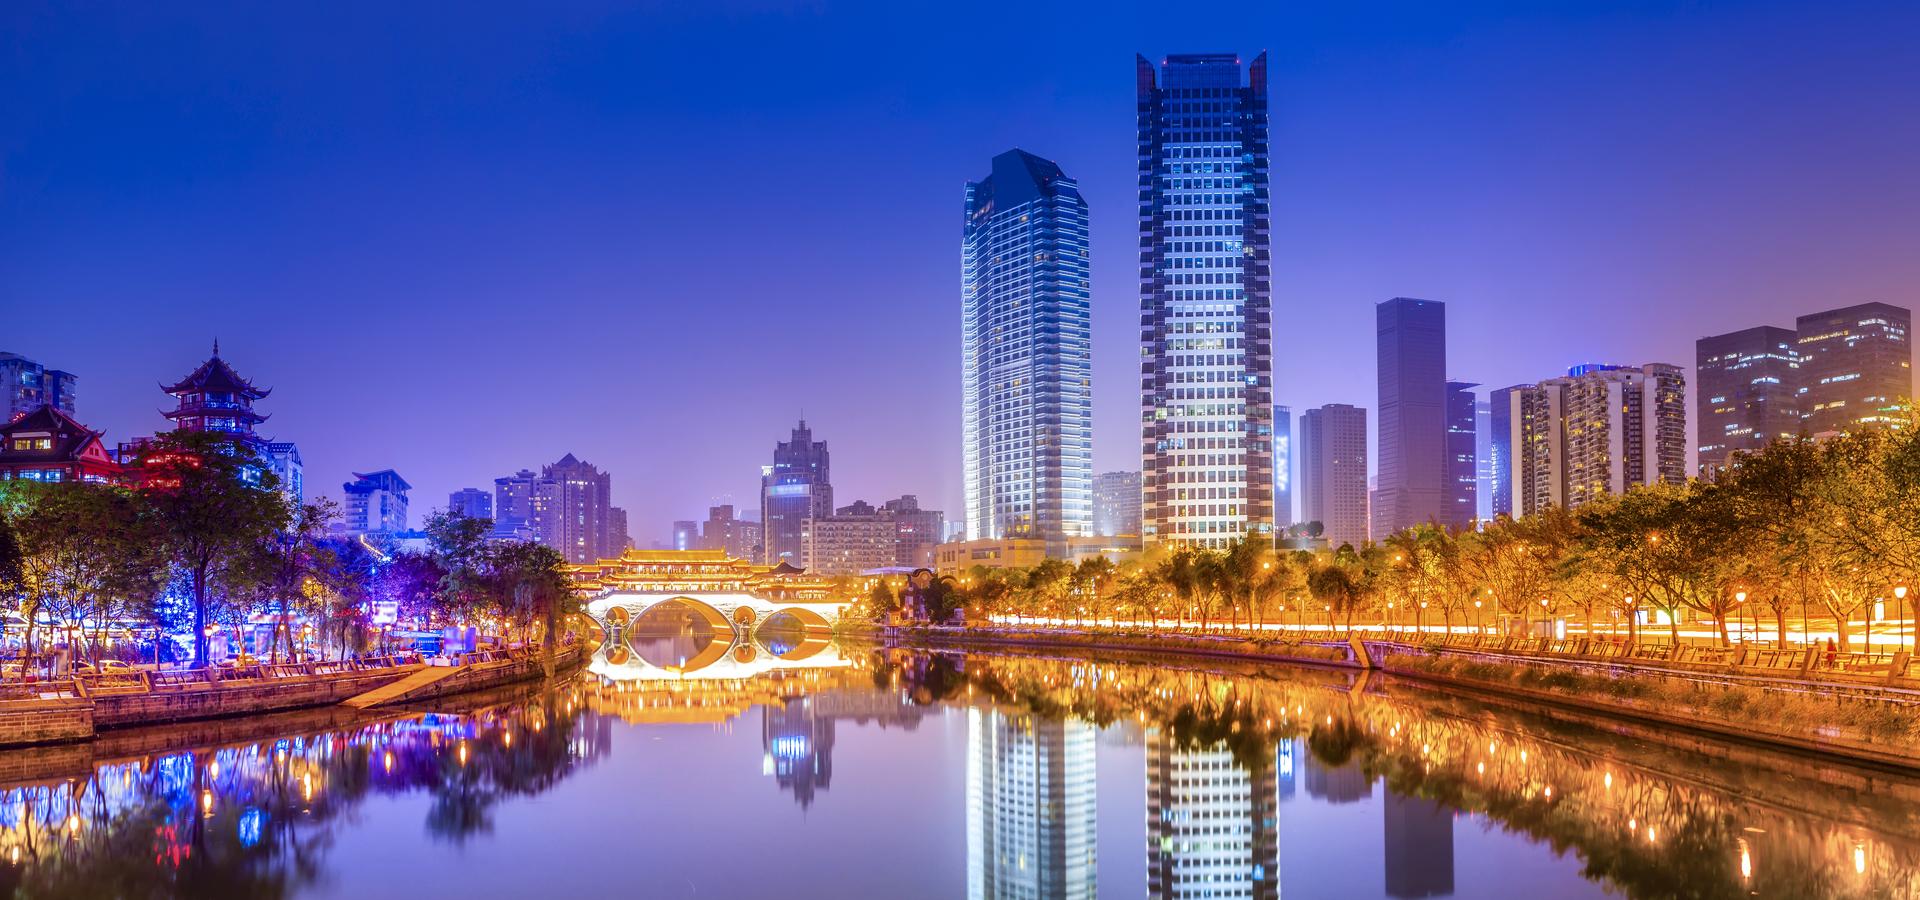 <b>Asia/Shanghai/Sichuan_Sheng</b>